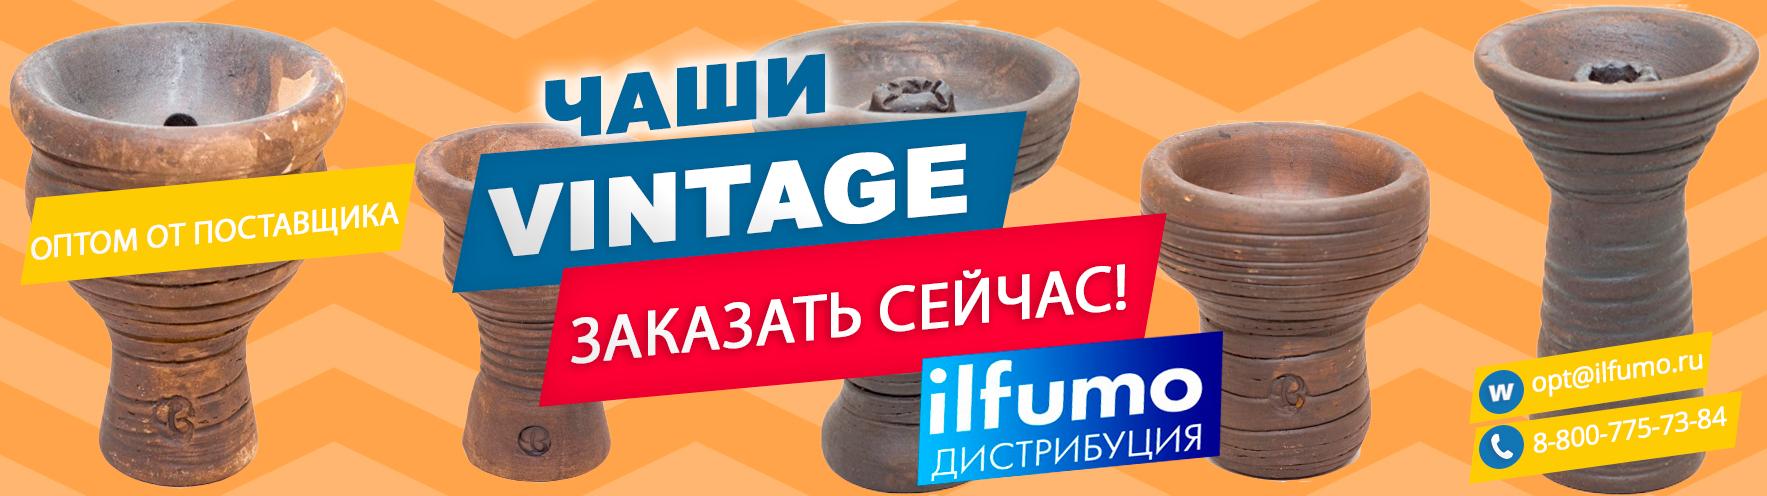 vneshnie chashki vintage dlja tabaka - Чашка внешняя Vintage